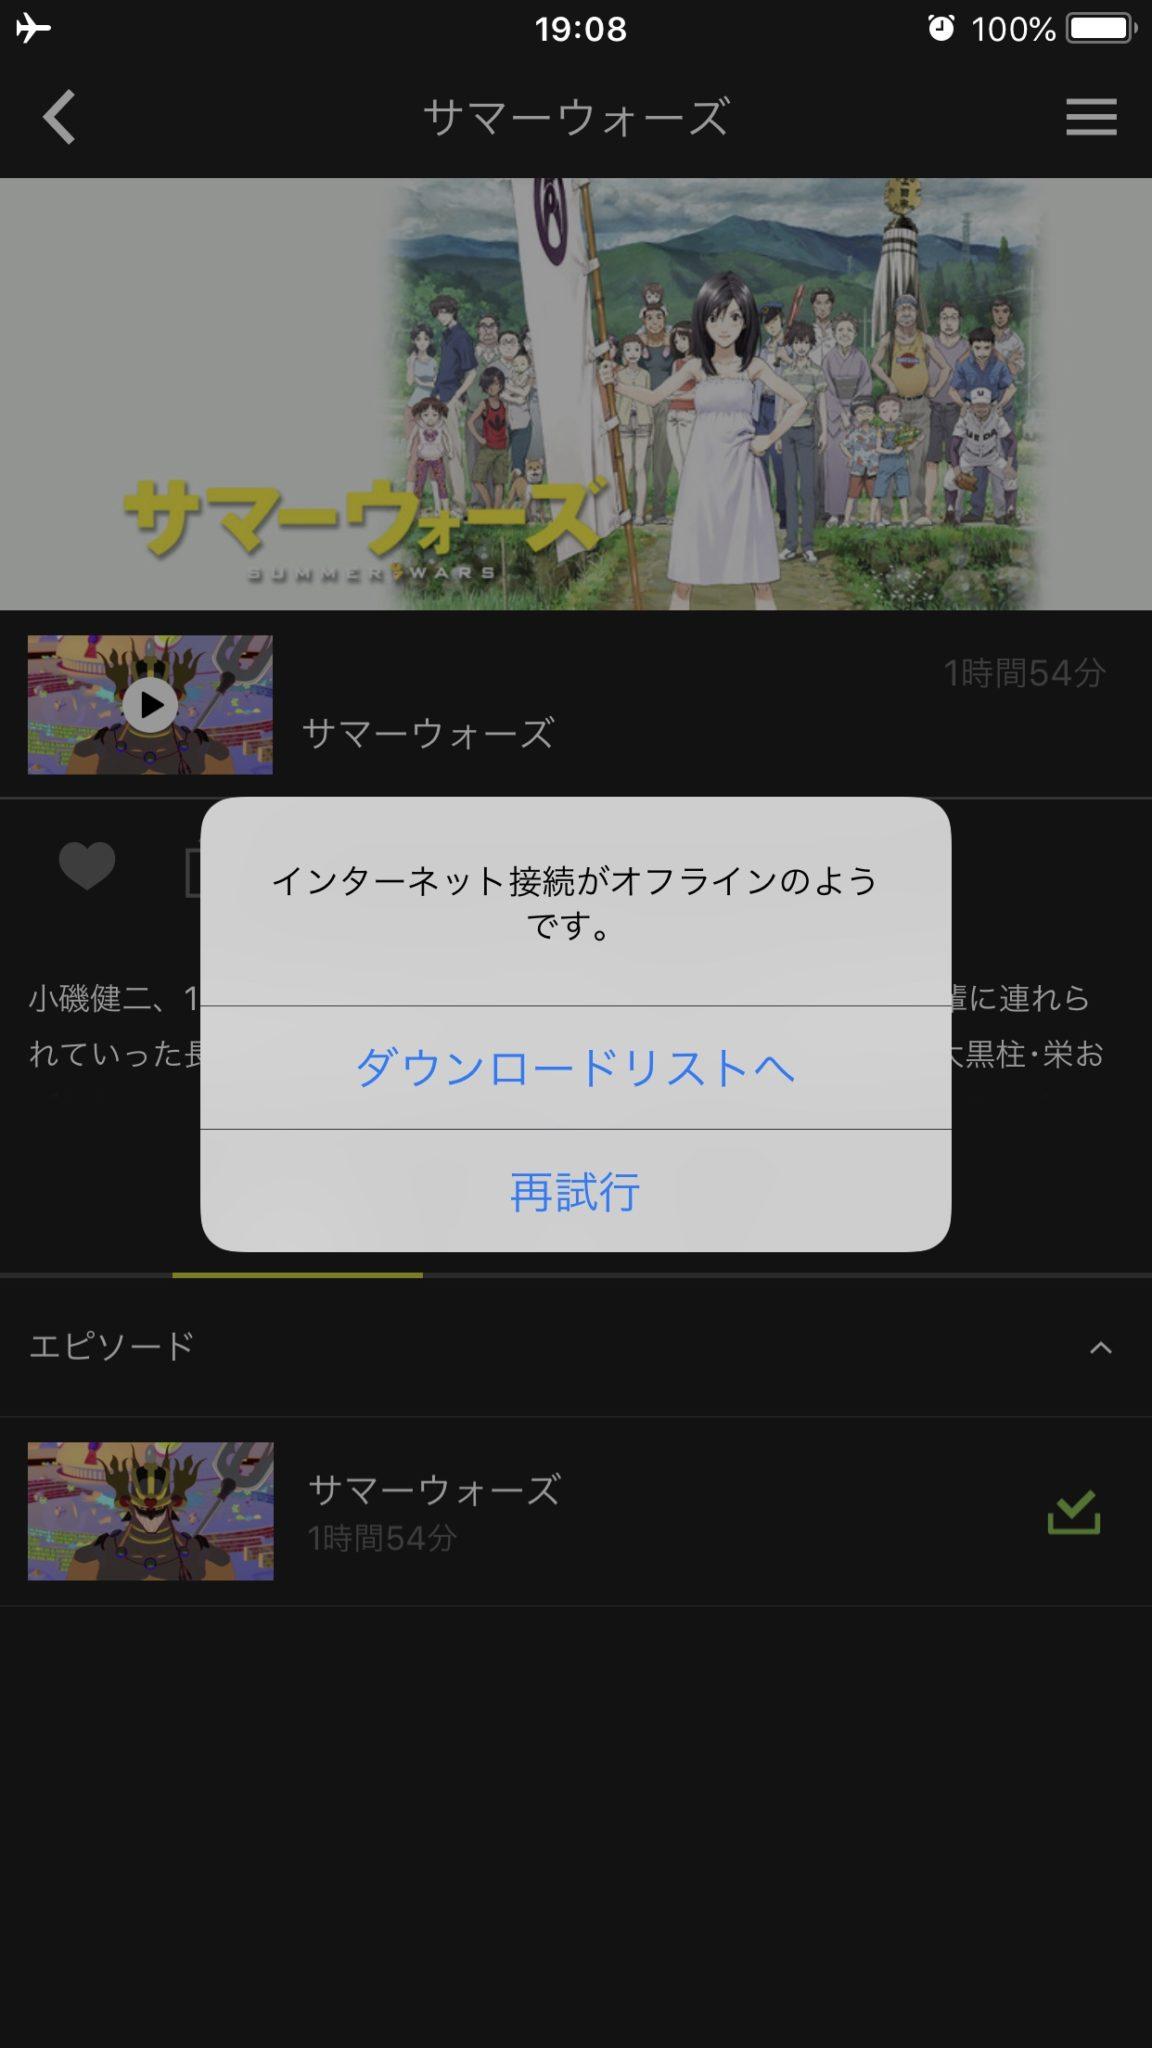 オフラインでHuluのアプリを立ち上げたときの表示